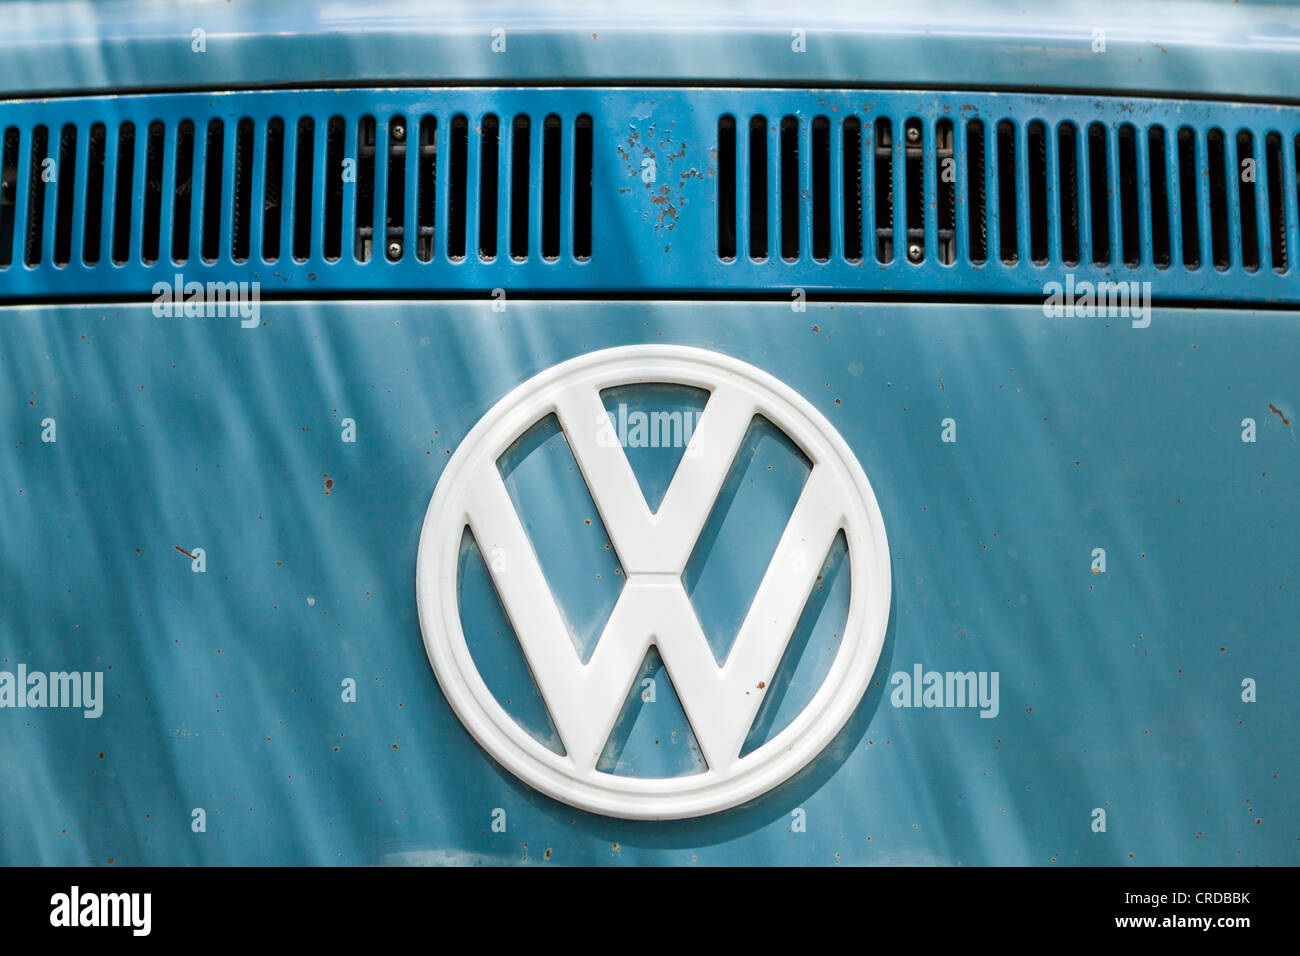 Vintage Volkswagen badge - Stock Image